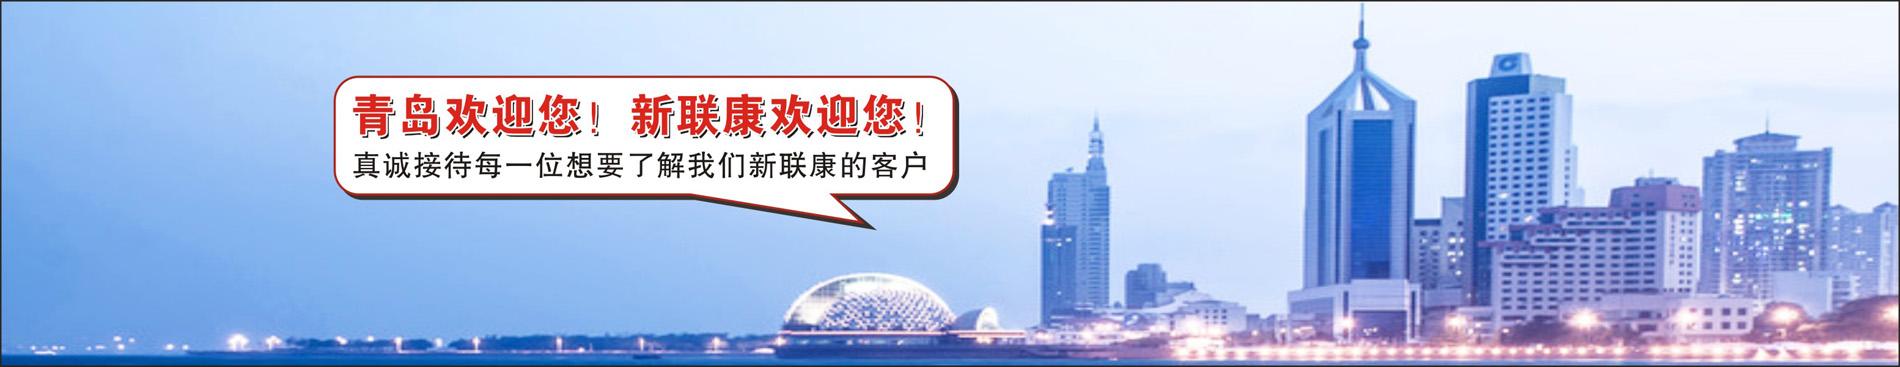 青岛欢迎您,新联康欢迎您!